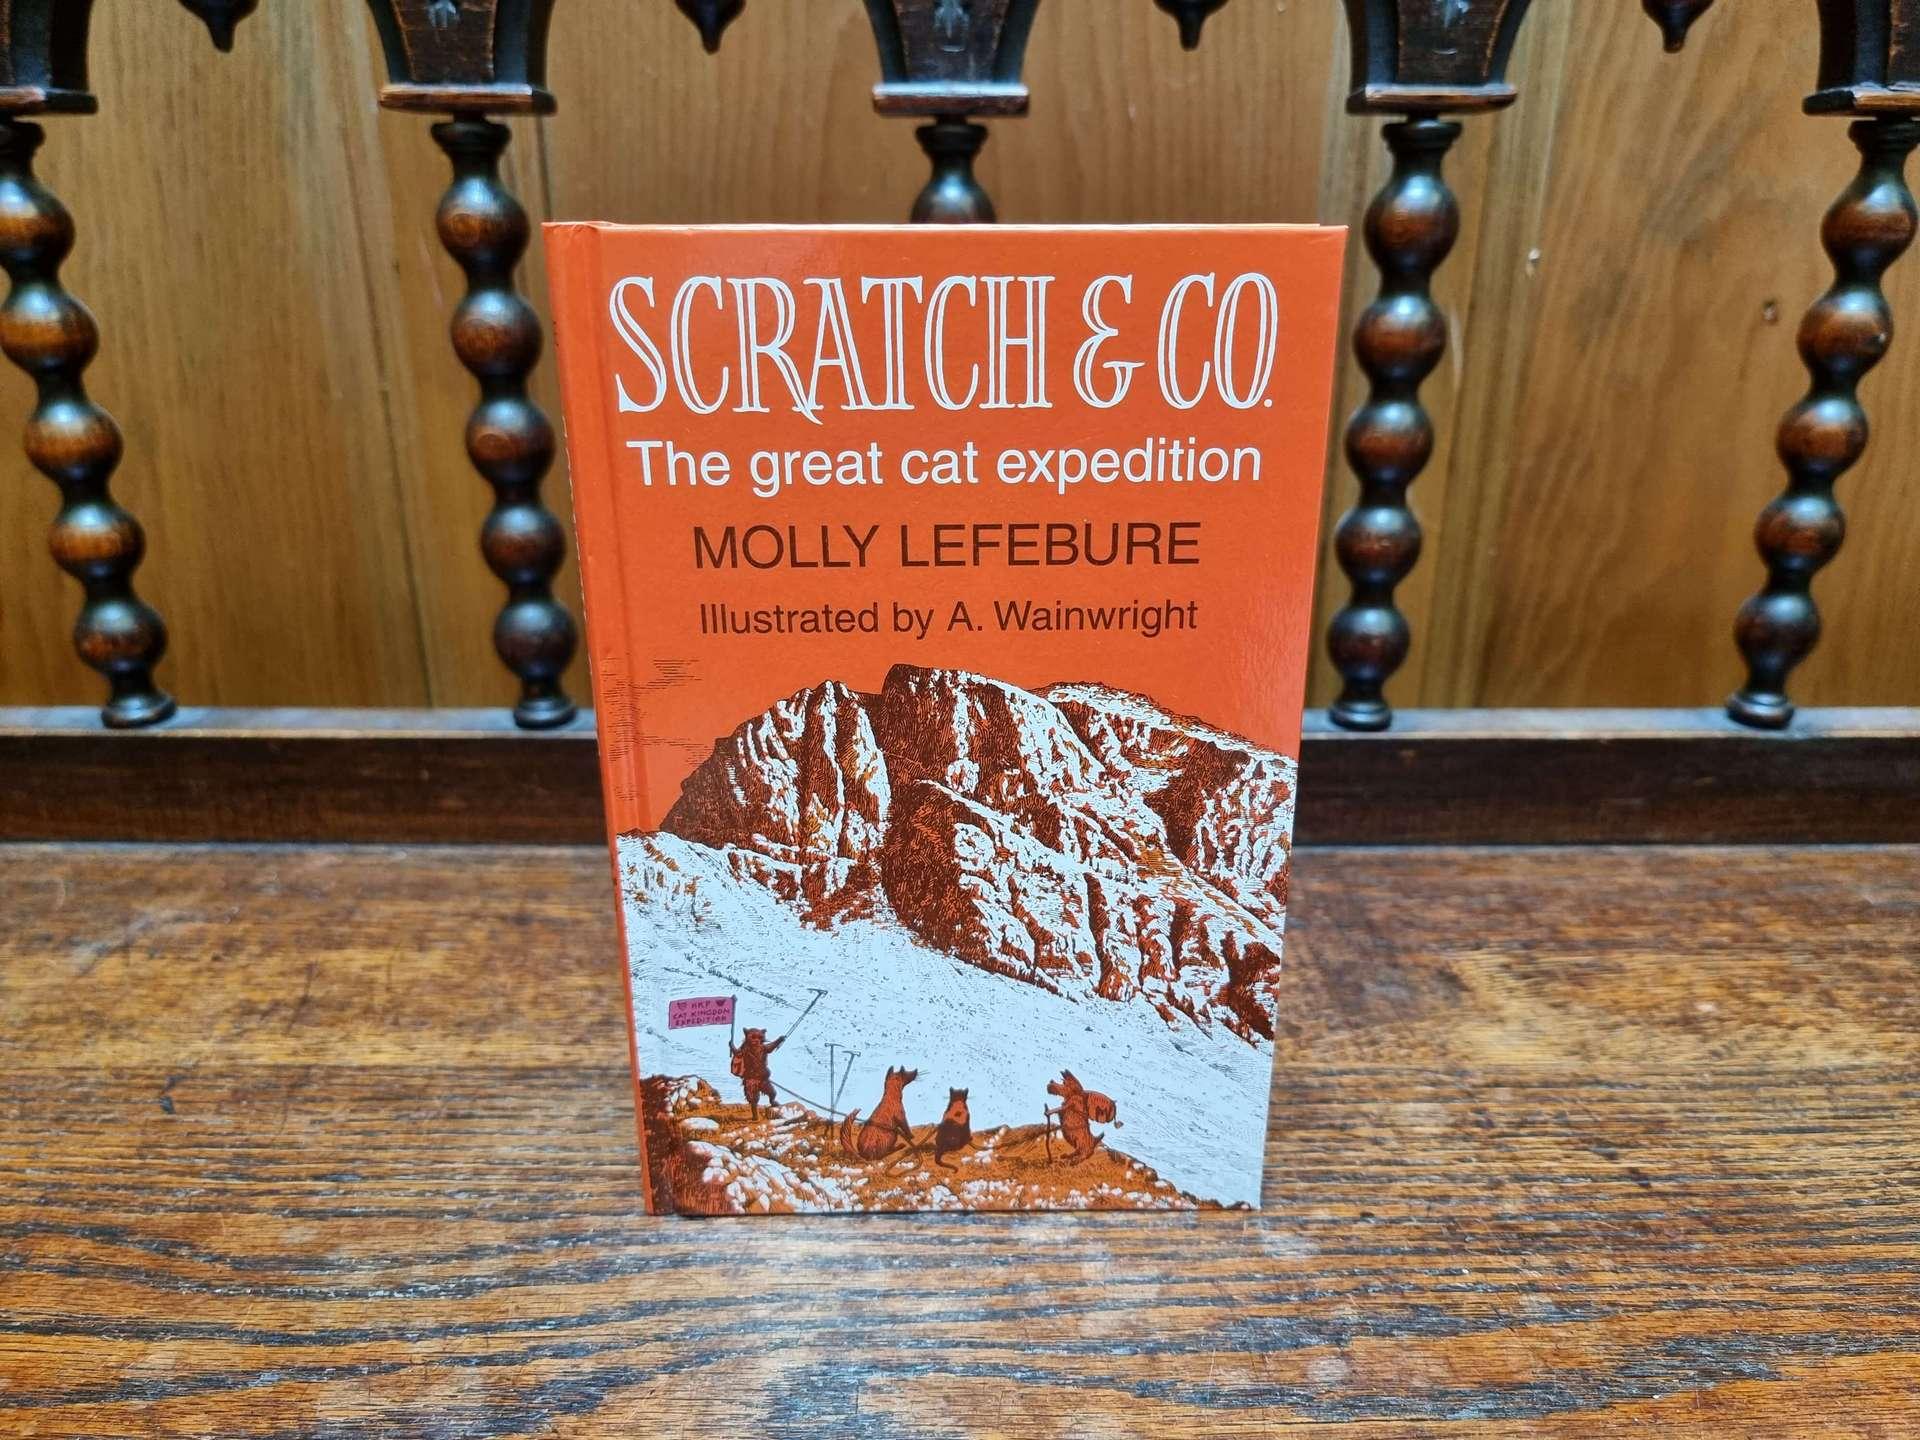 Scratch & Co.